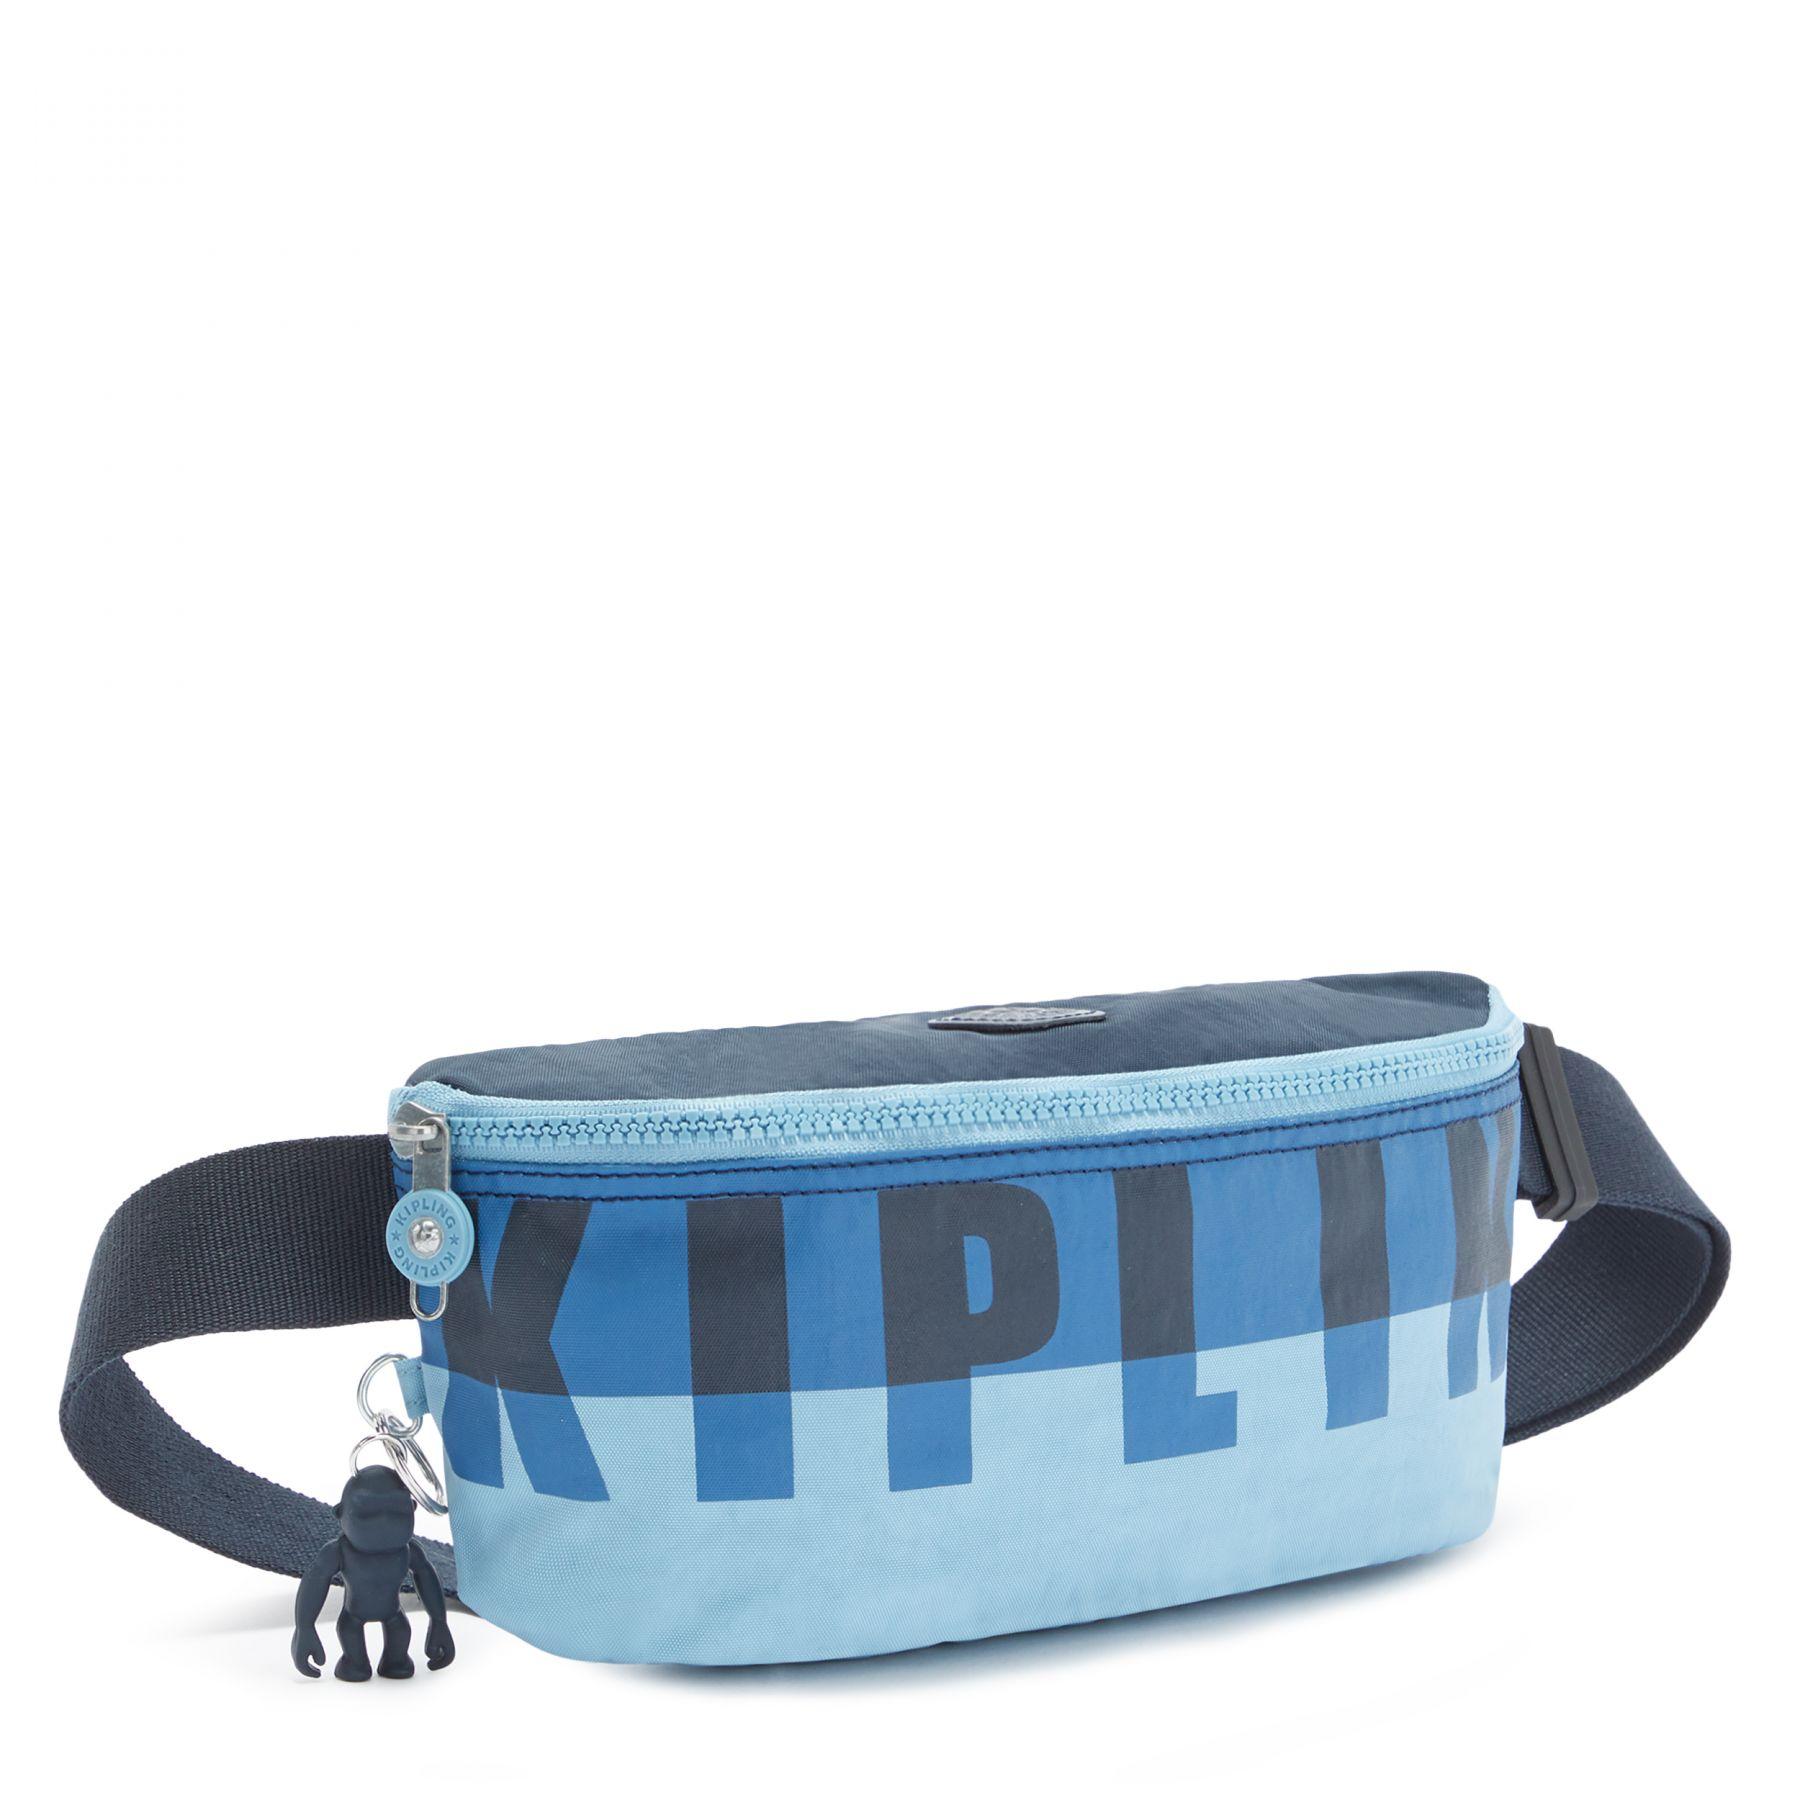 ZINA BAGS by Kipling